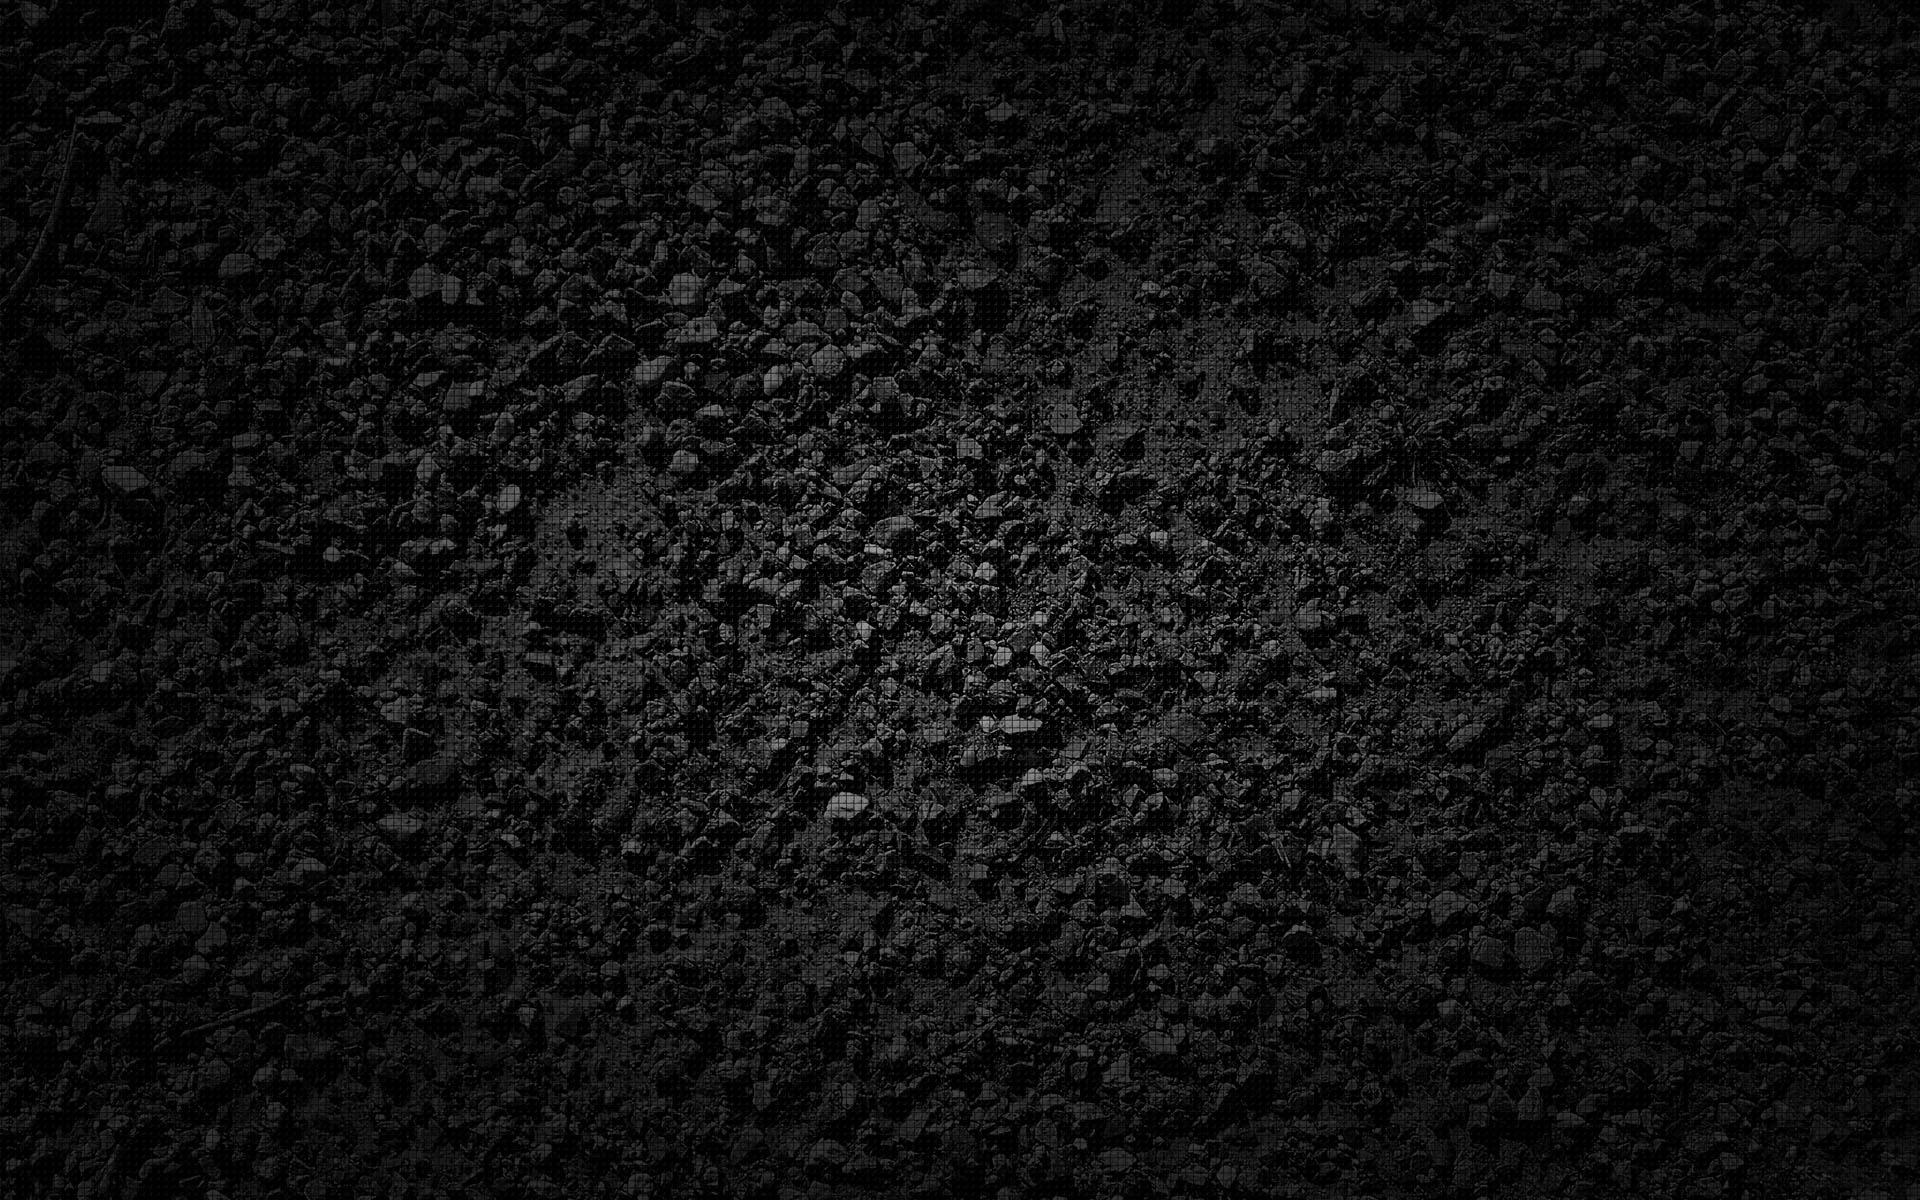 Black Granite Texture : Black stone wallpaper wallpapersafari